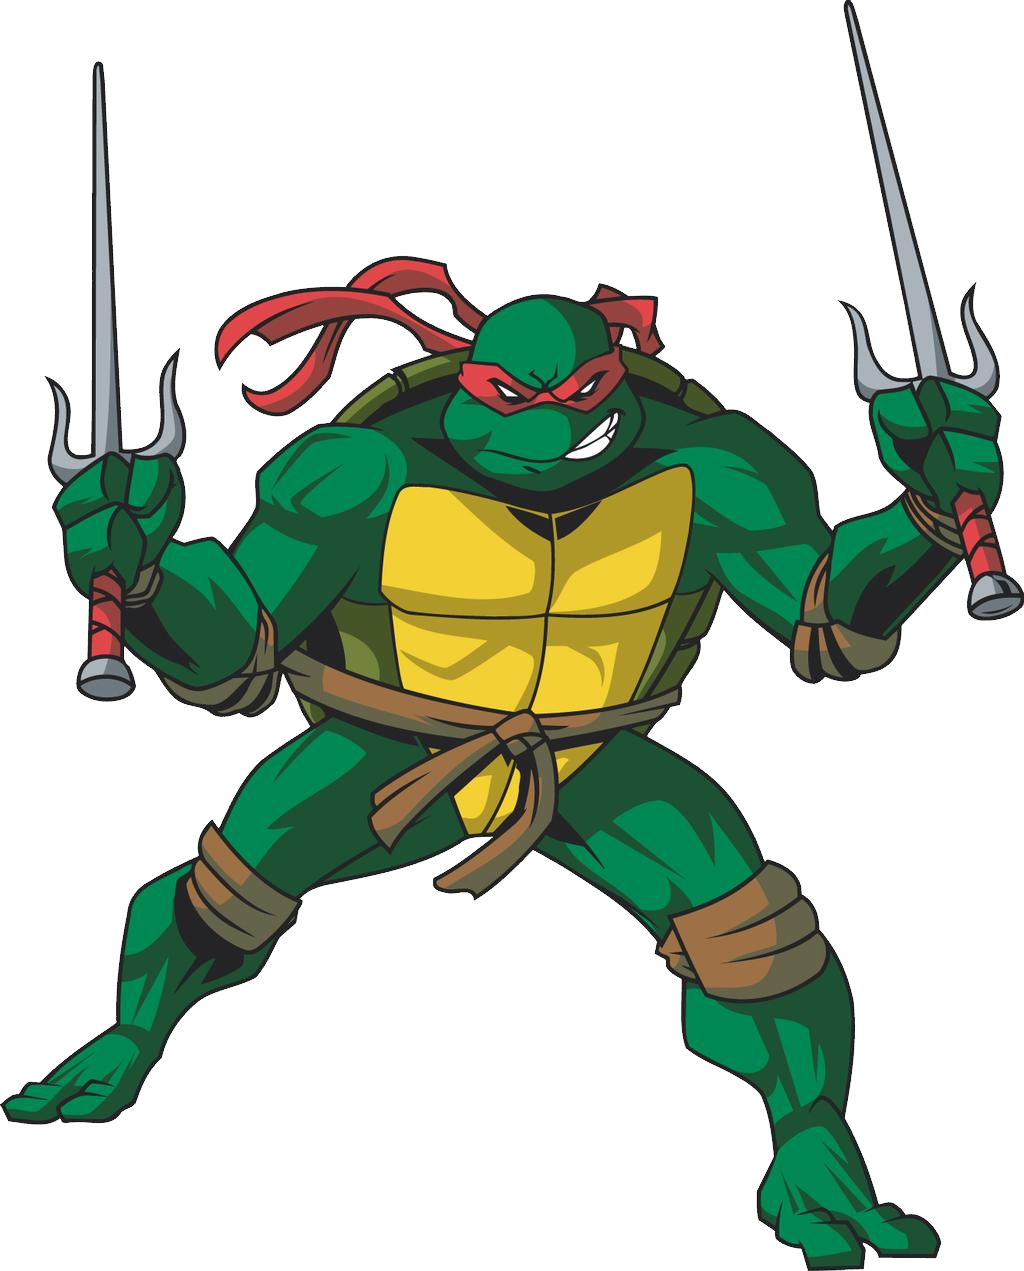 Ninja Tutle Raphael Png Image Raphael Ninja Turtle Teenage Mutant Ninja Turtles Artwork Ninja Turtles Artwork